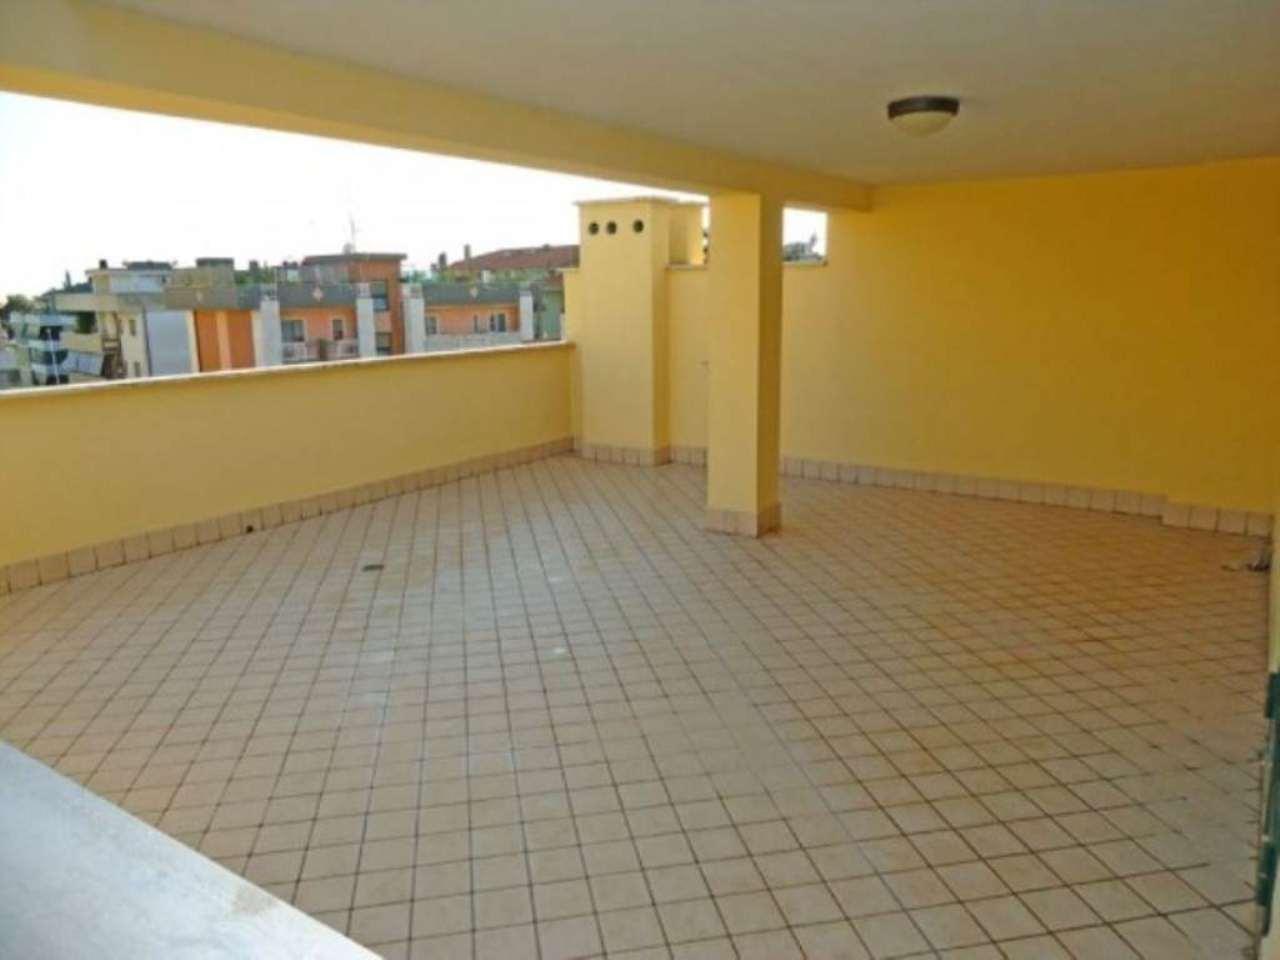 Attico / Mansarda in vendita a Sabaudia, 5 locali, prezzo € 245.000 | CambioCasa.it